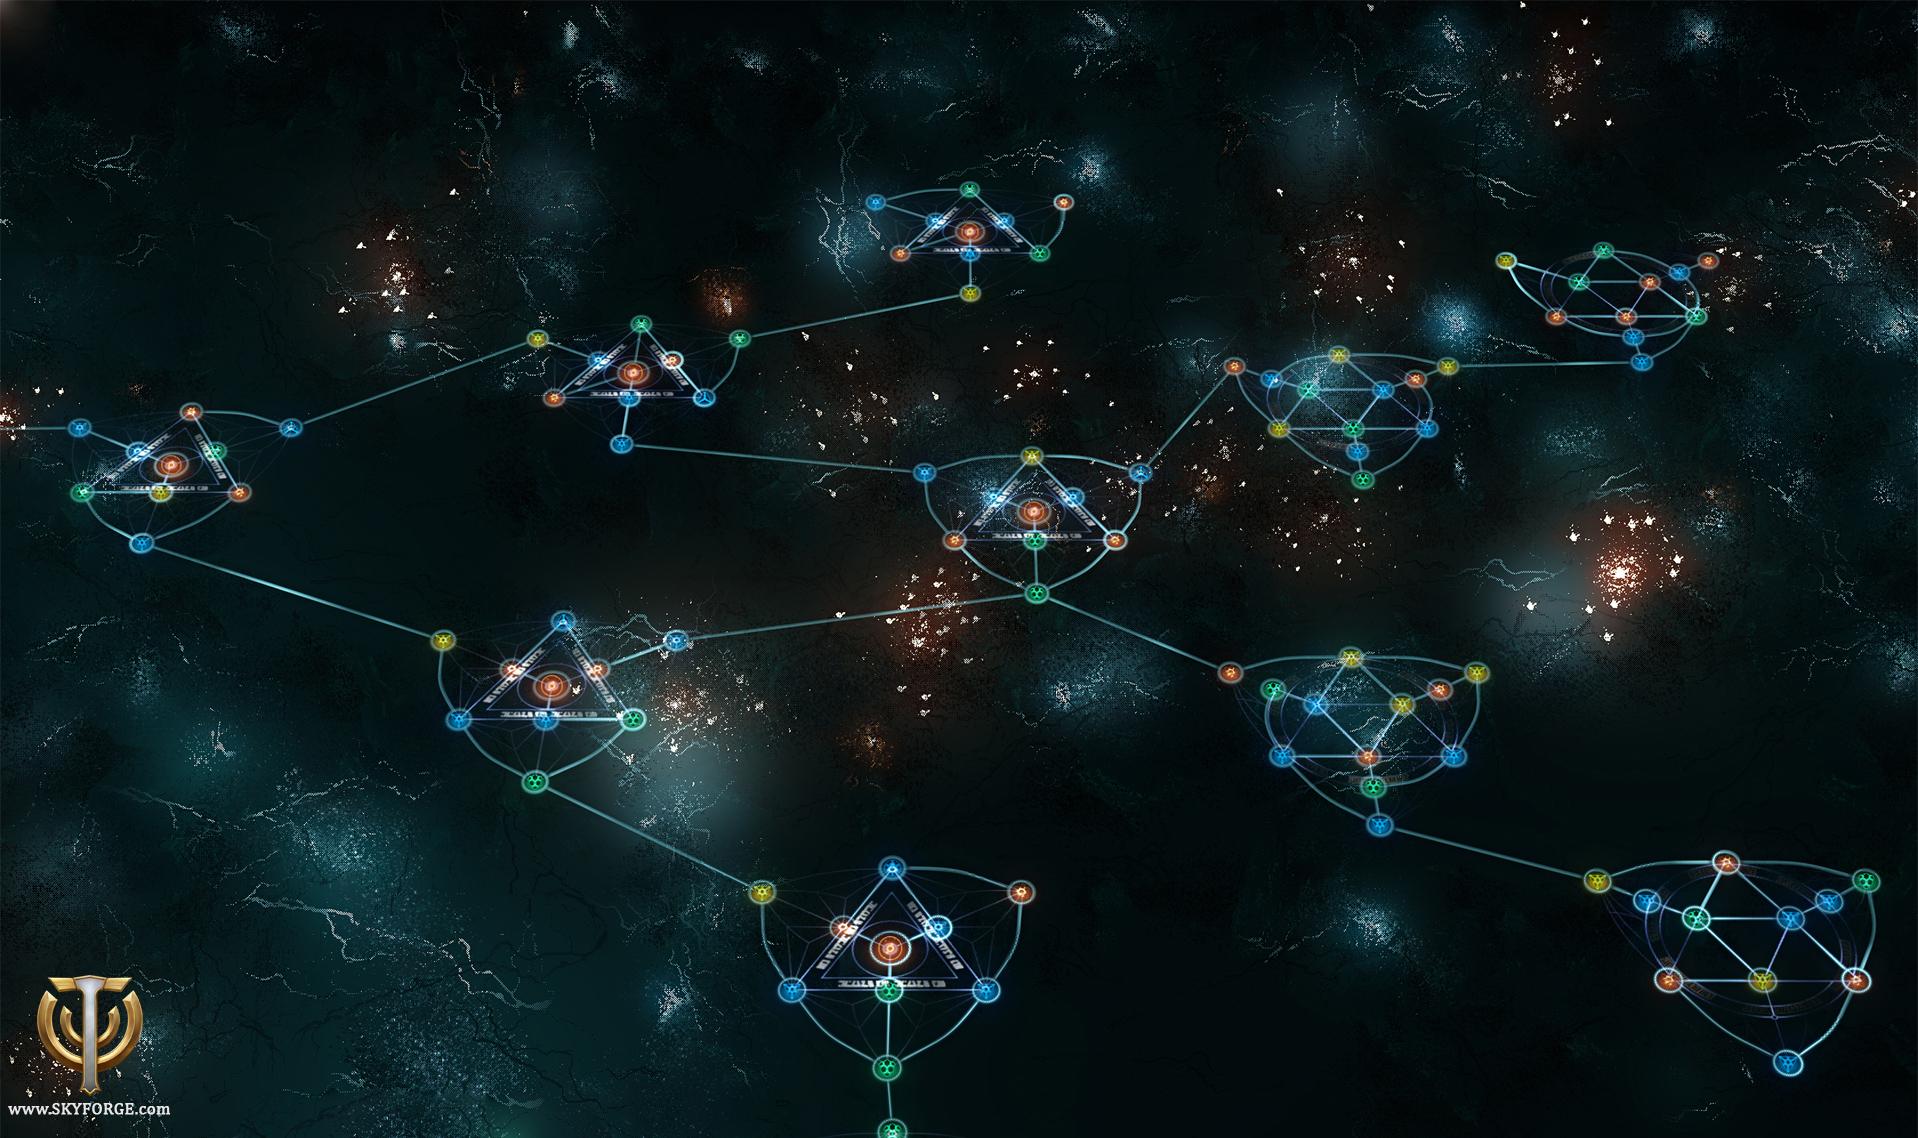 Tìm hiểu hệ thống phát triển nhân vật trong Skyforge 5